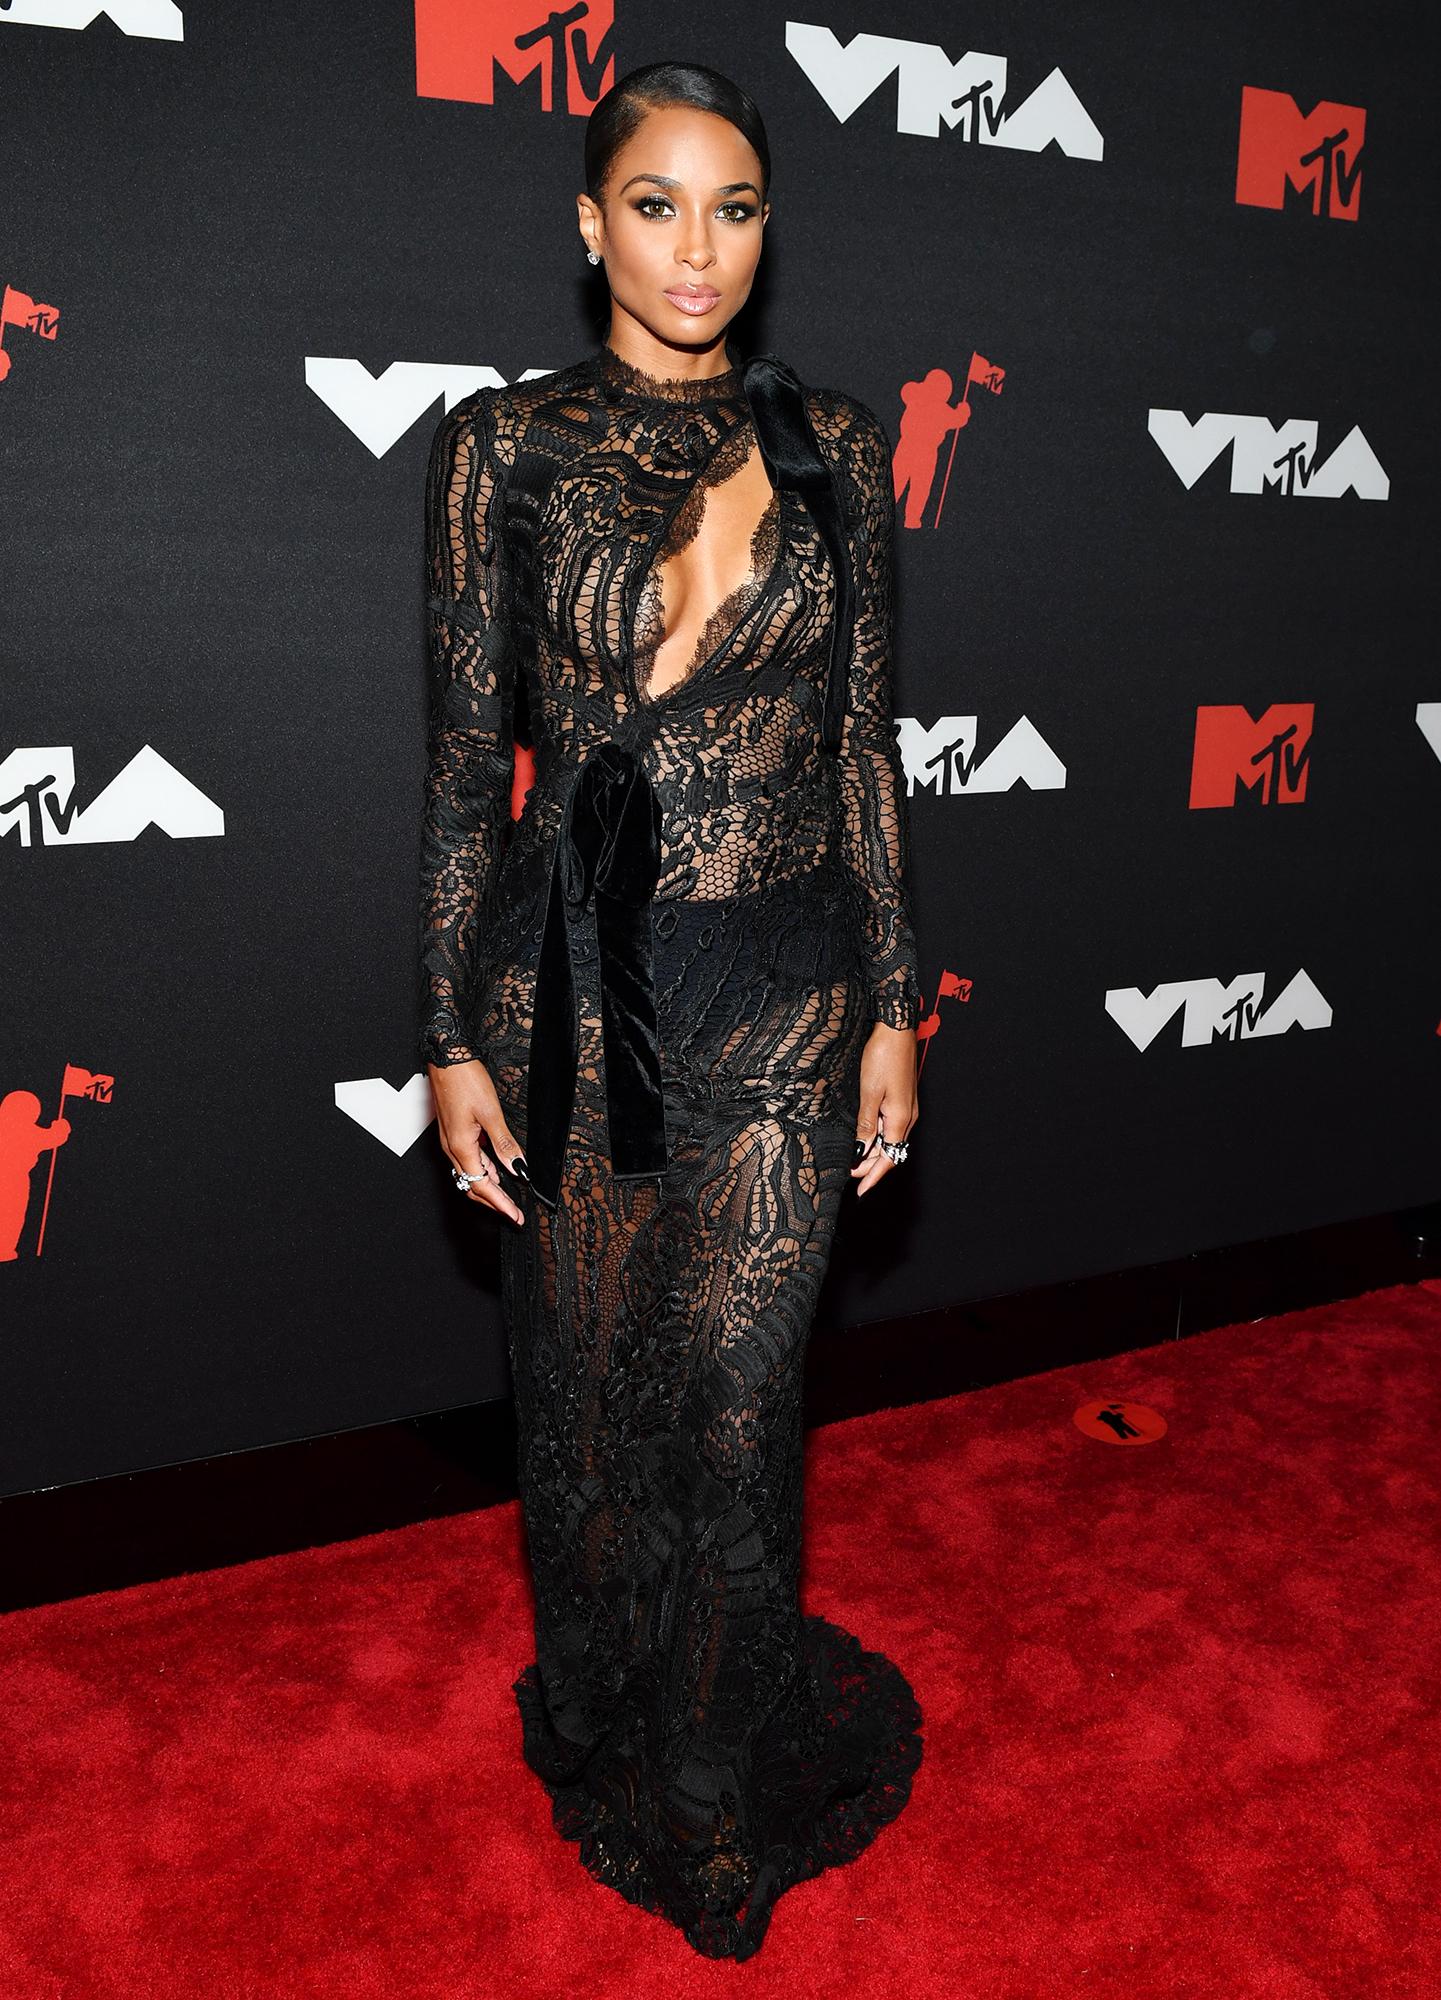 Ciara arrives at the 2021 MTV Video Music Awards